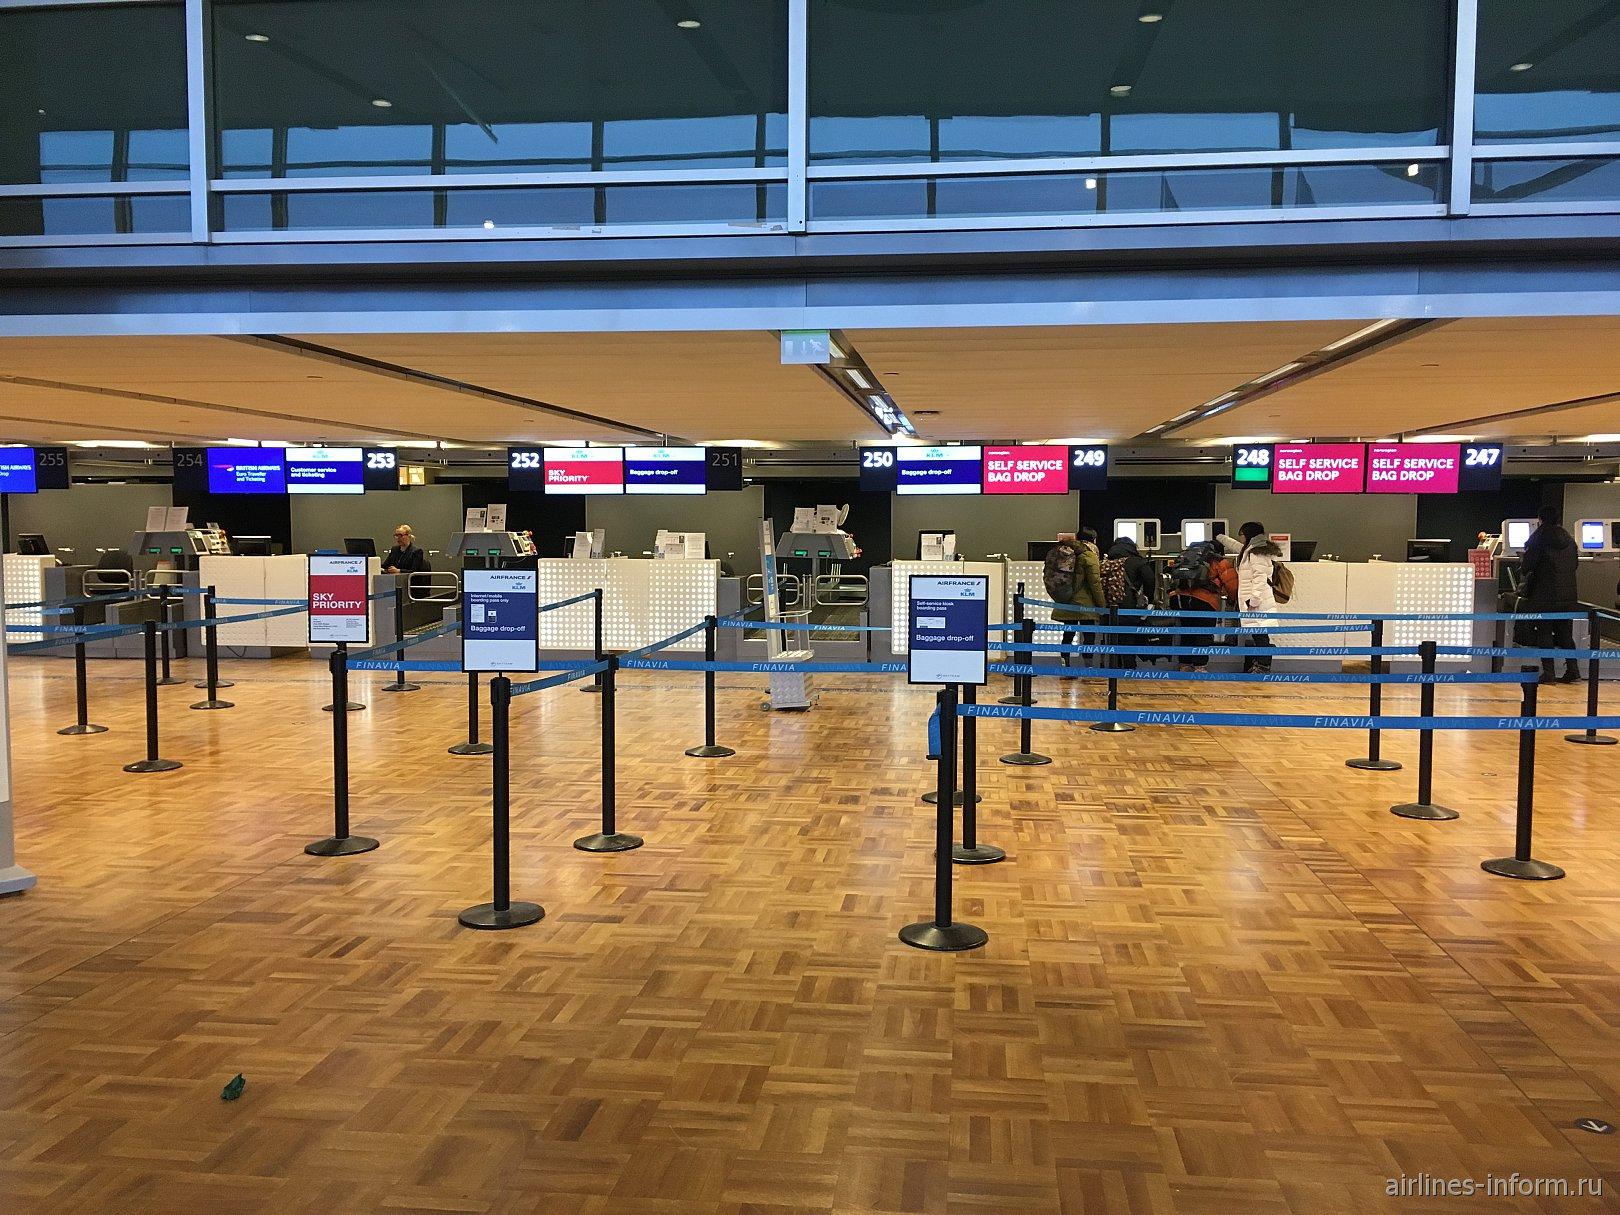 Стойки регистрации в терминале 2 аэропорта Хельсинки Вантаа